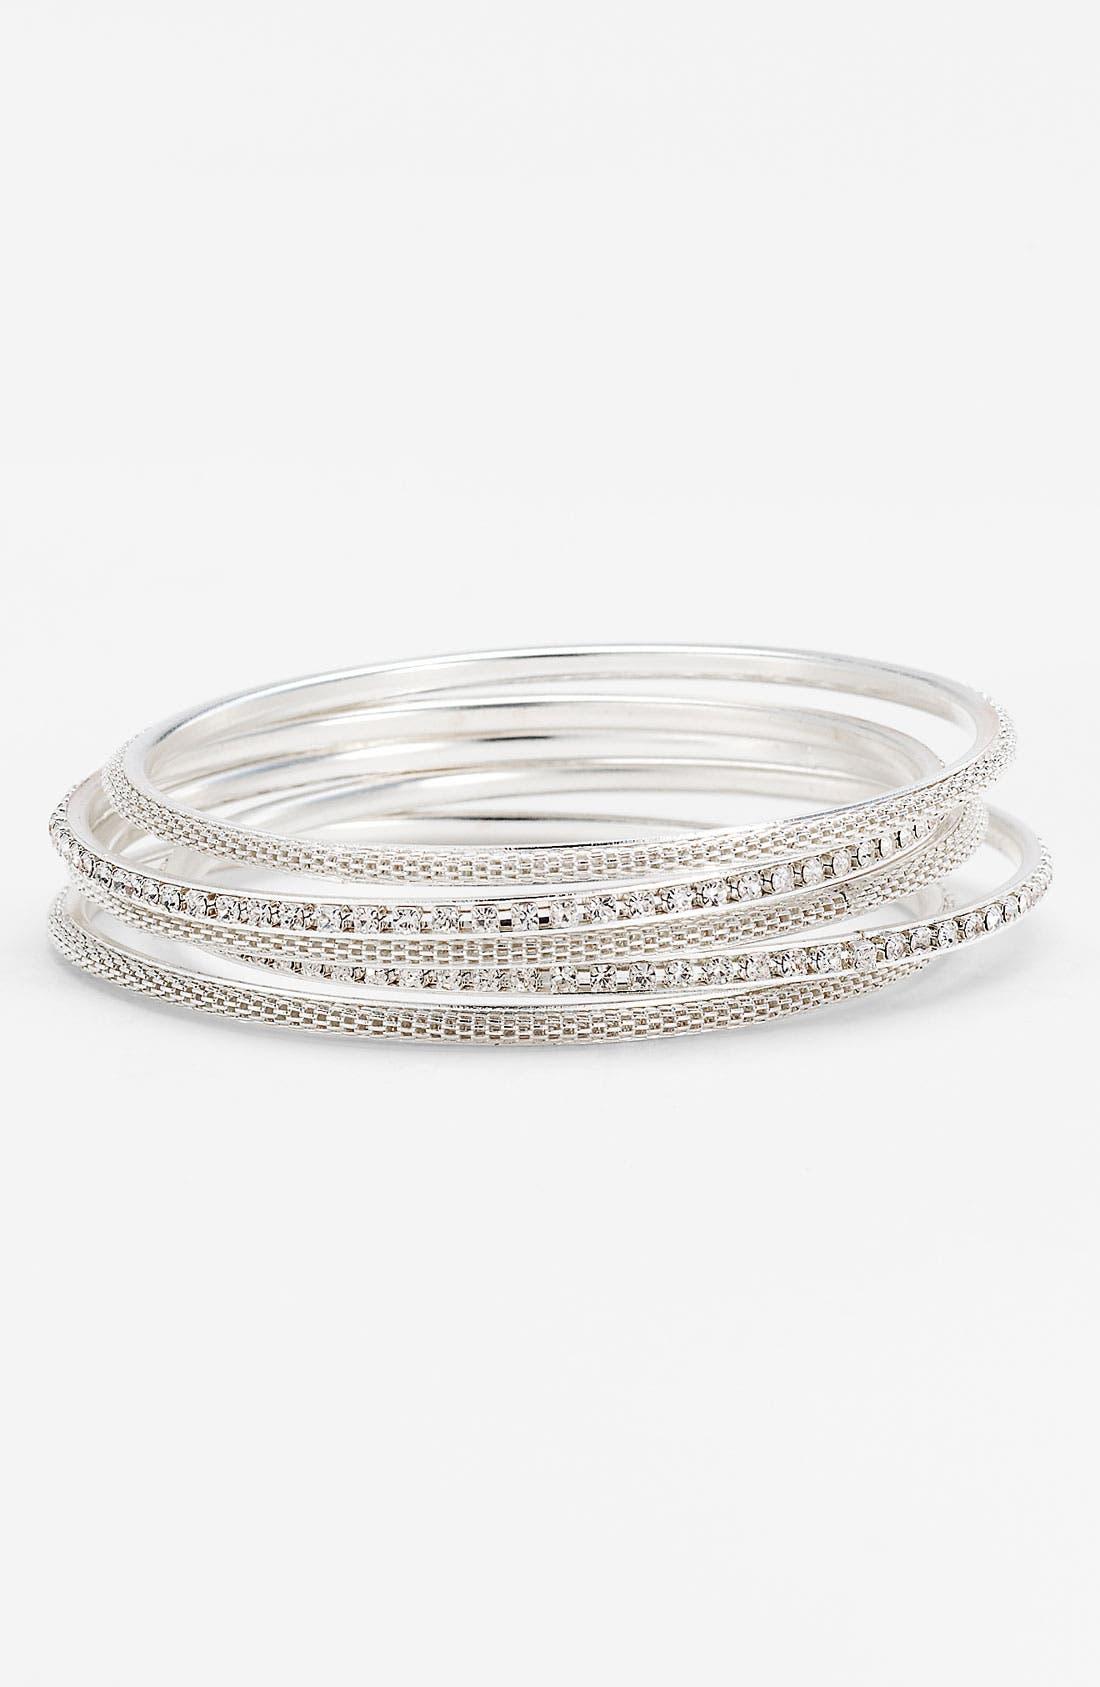 Main Image - Carole Rhinestone Bangle Bracelets (Set of 5)